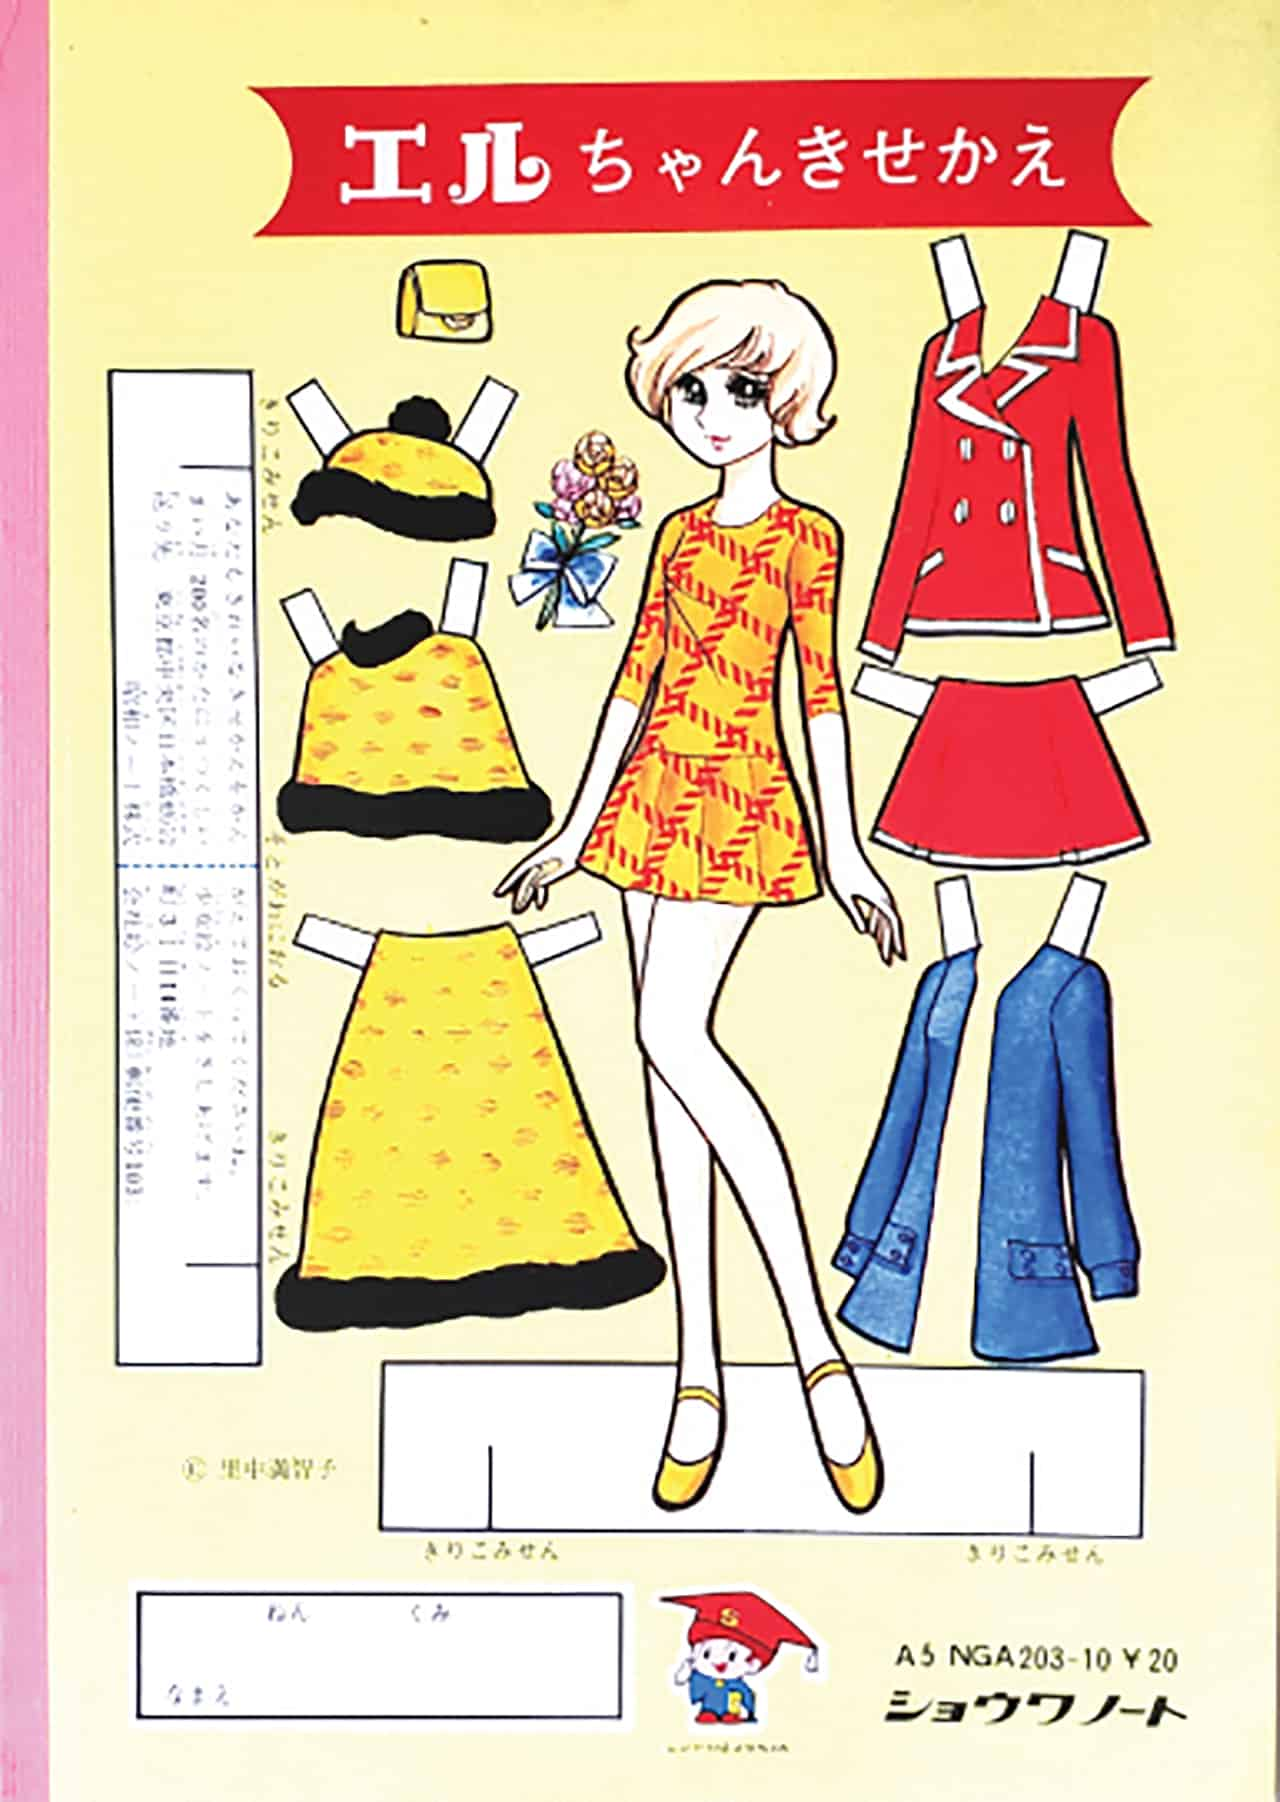 Kisekae Ningyo ตุ๊กตากระดาษแบบเปลี่ยนชุดได้ของญี่ปุ่น